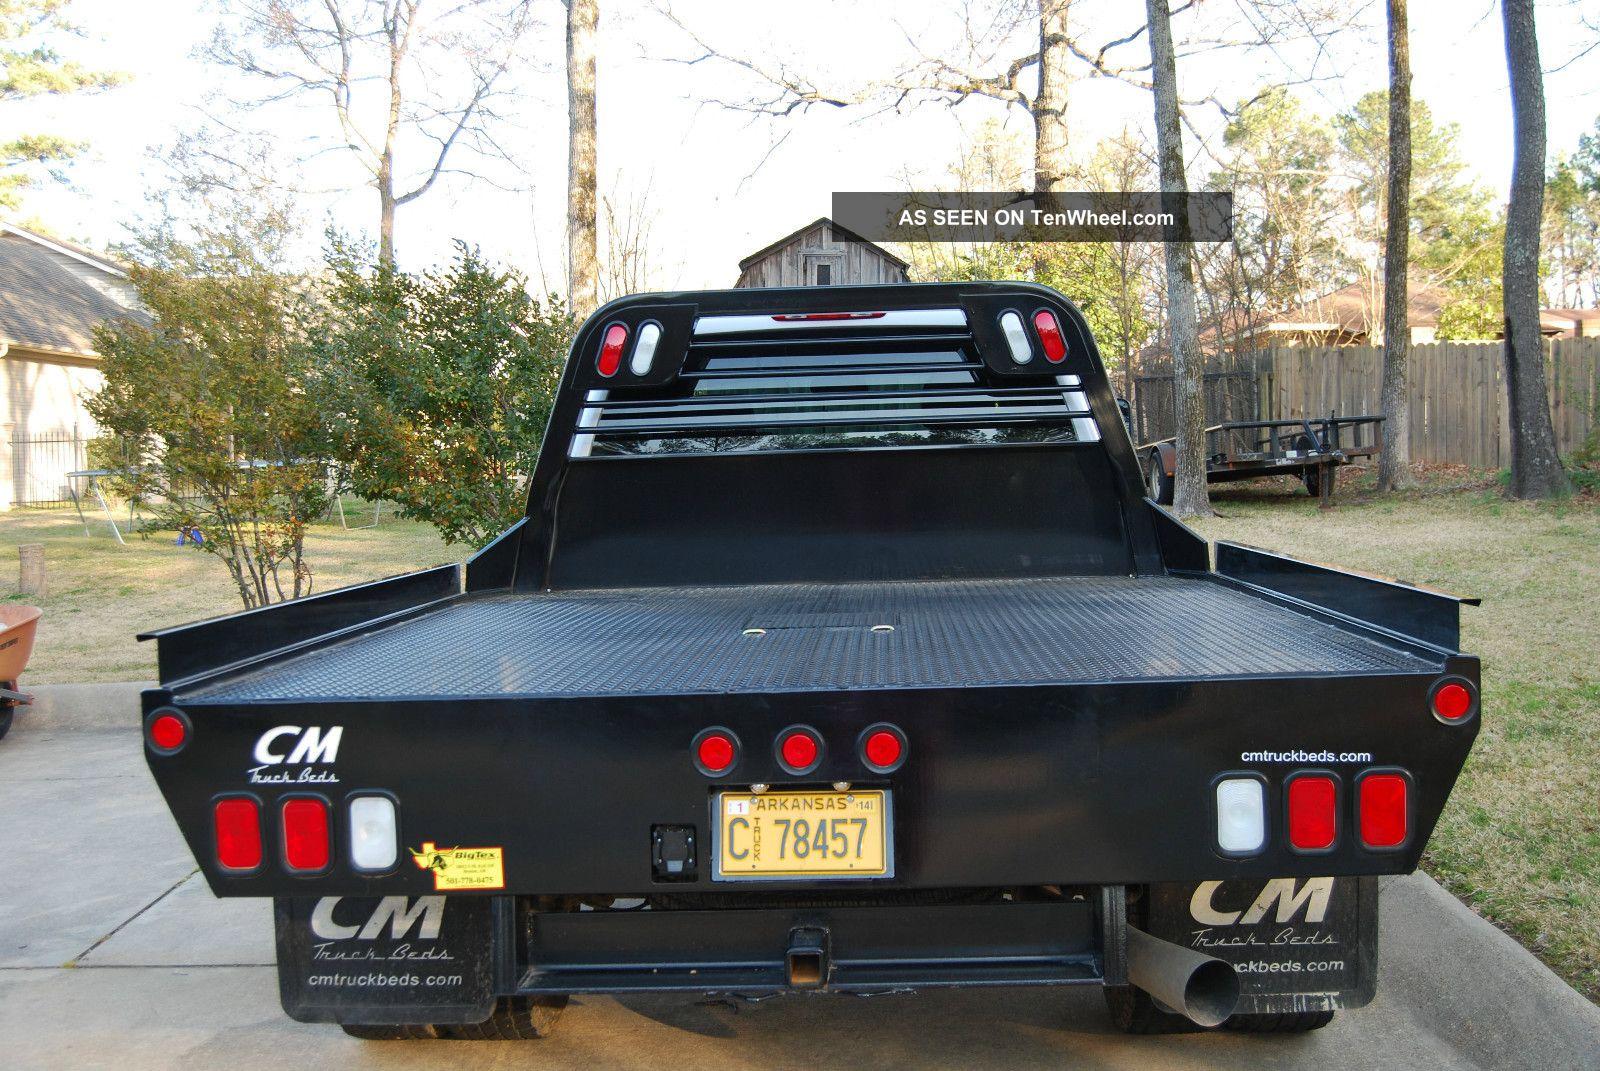 2008 chevrolet silverado 3500 hd lt crew cab pickup 4 door 6 6l. Black Bedroom Furniture Sets. Home Design Ideas